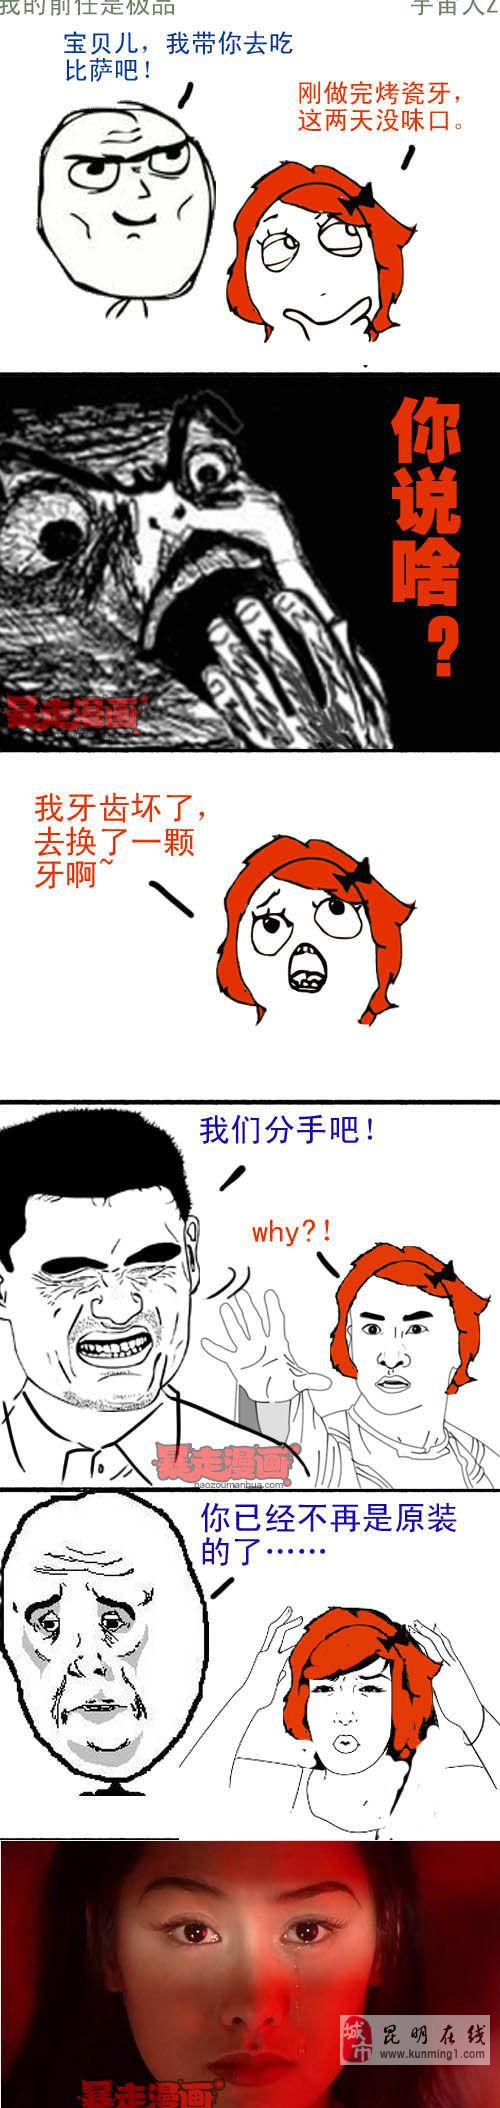 2013暴走漫画图片